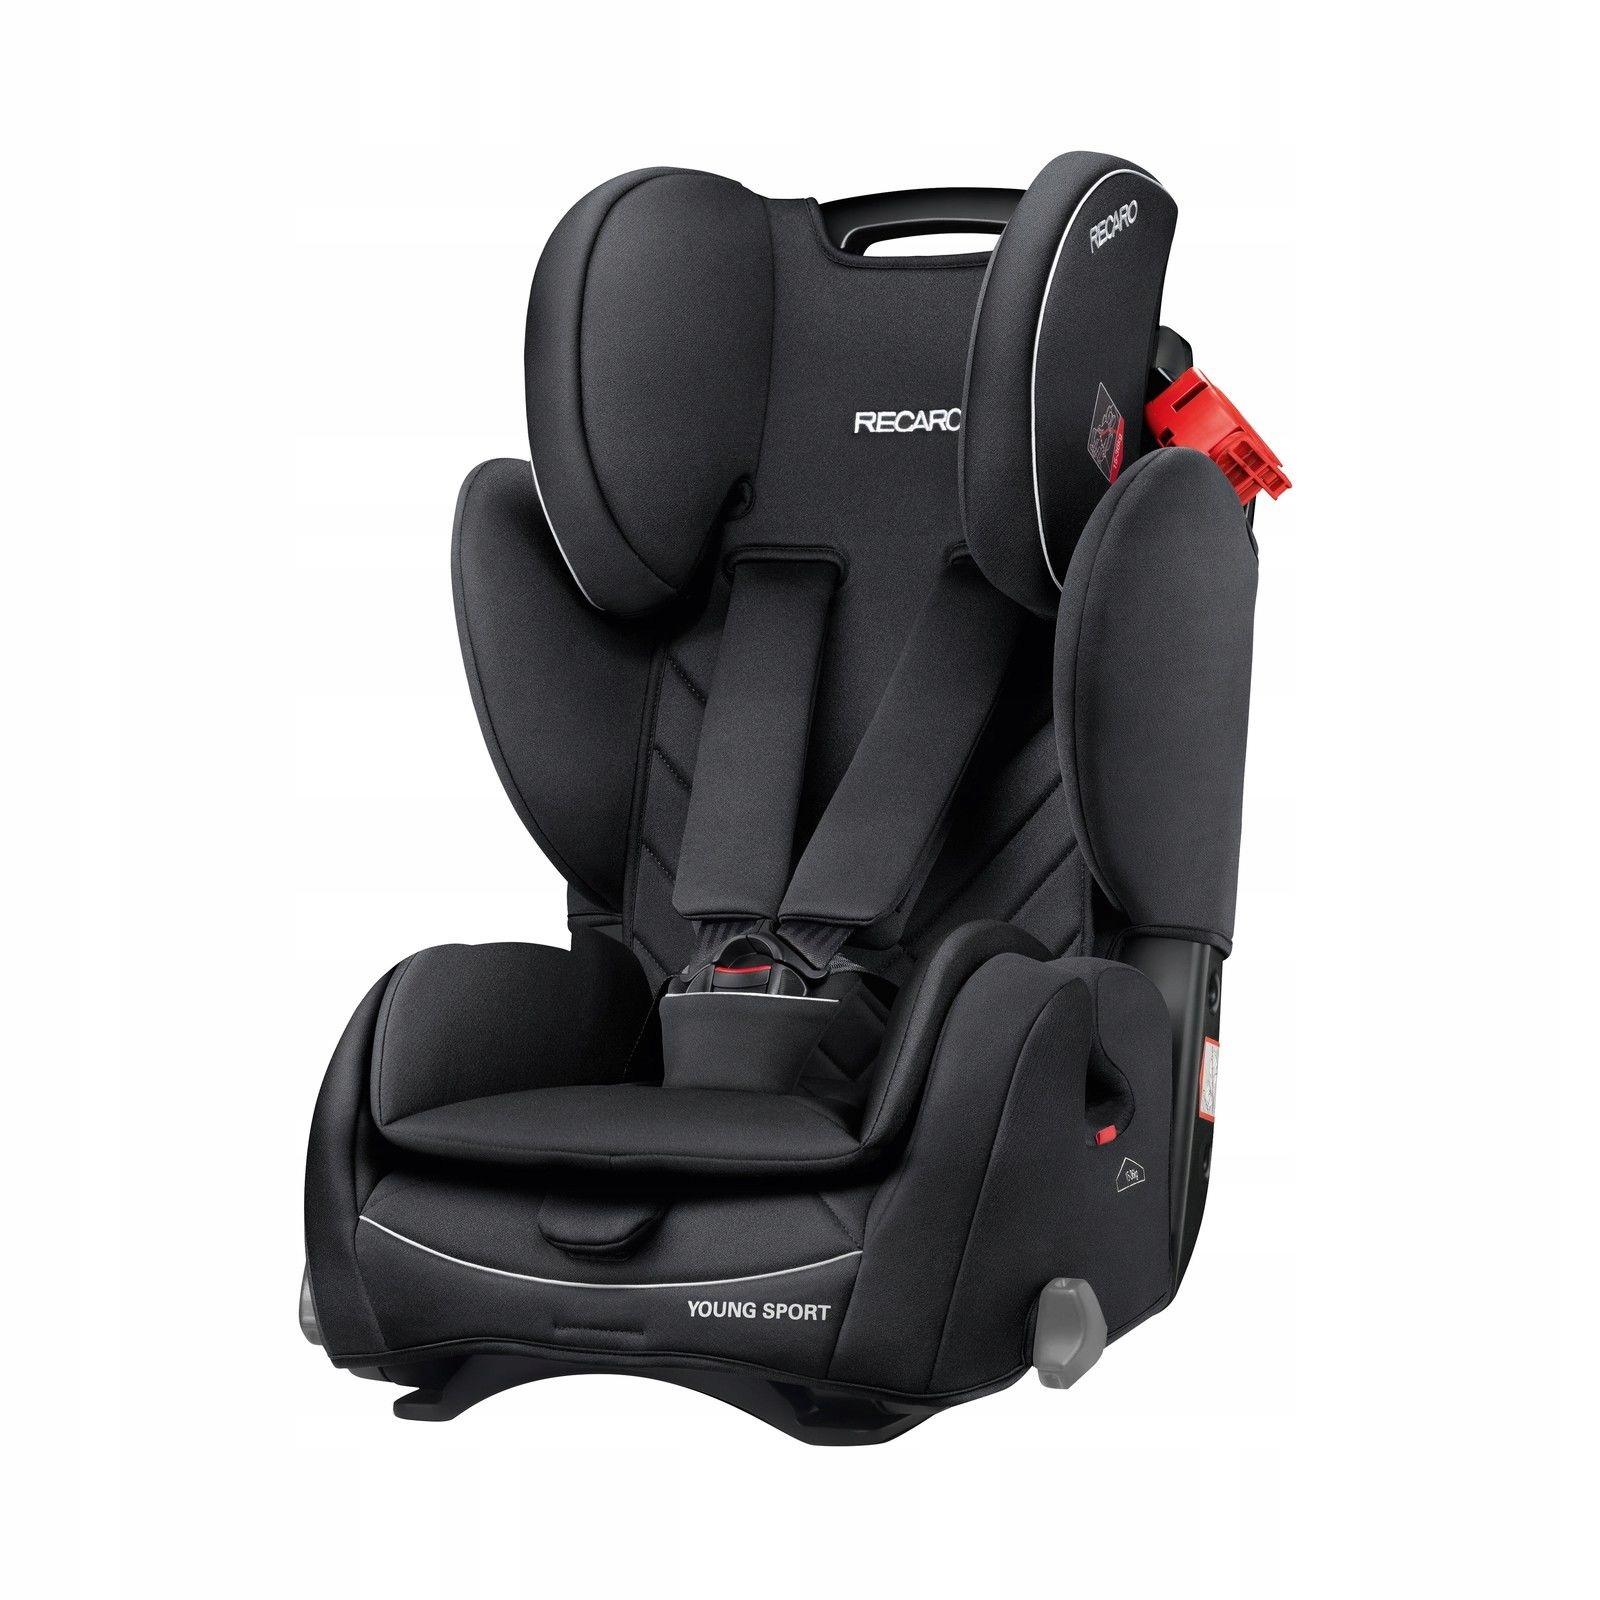 Fotelik samochodowy Recaro YOUNG SPORT 9-36 kg